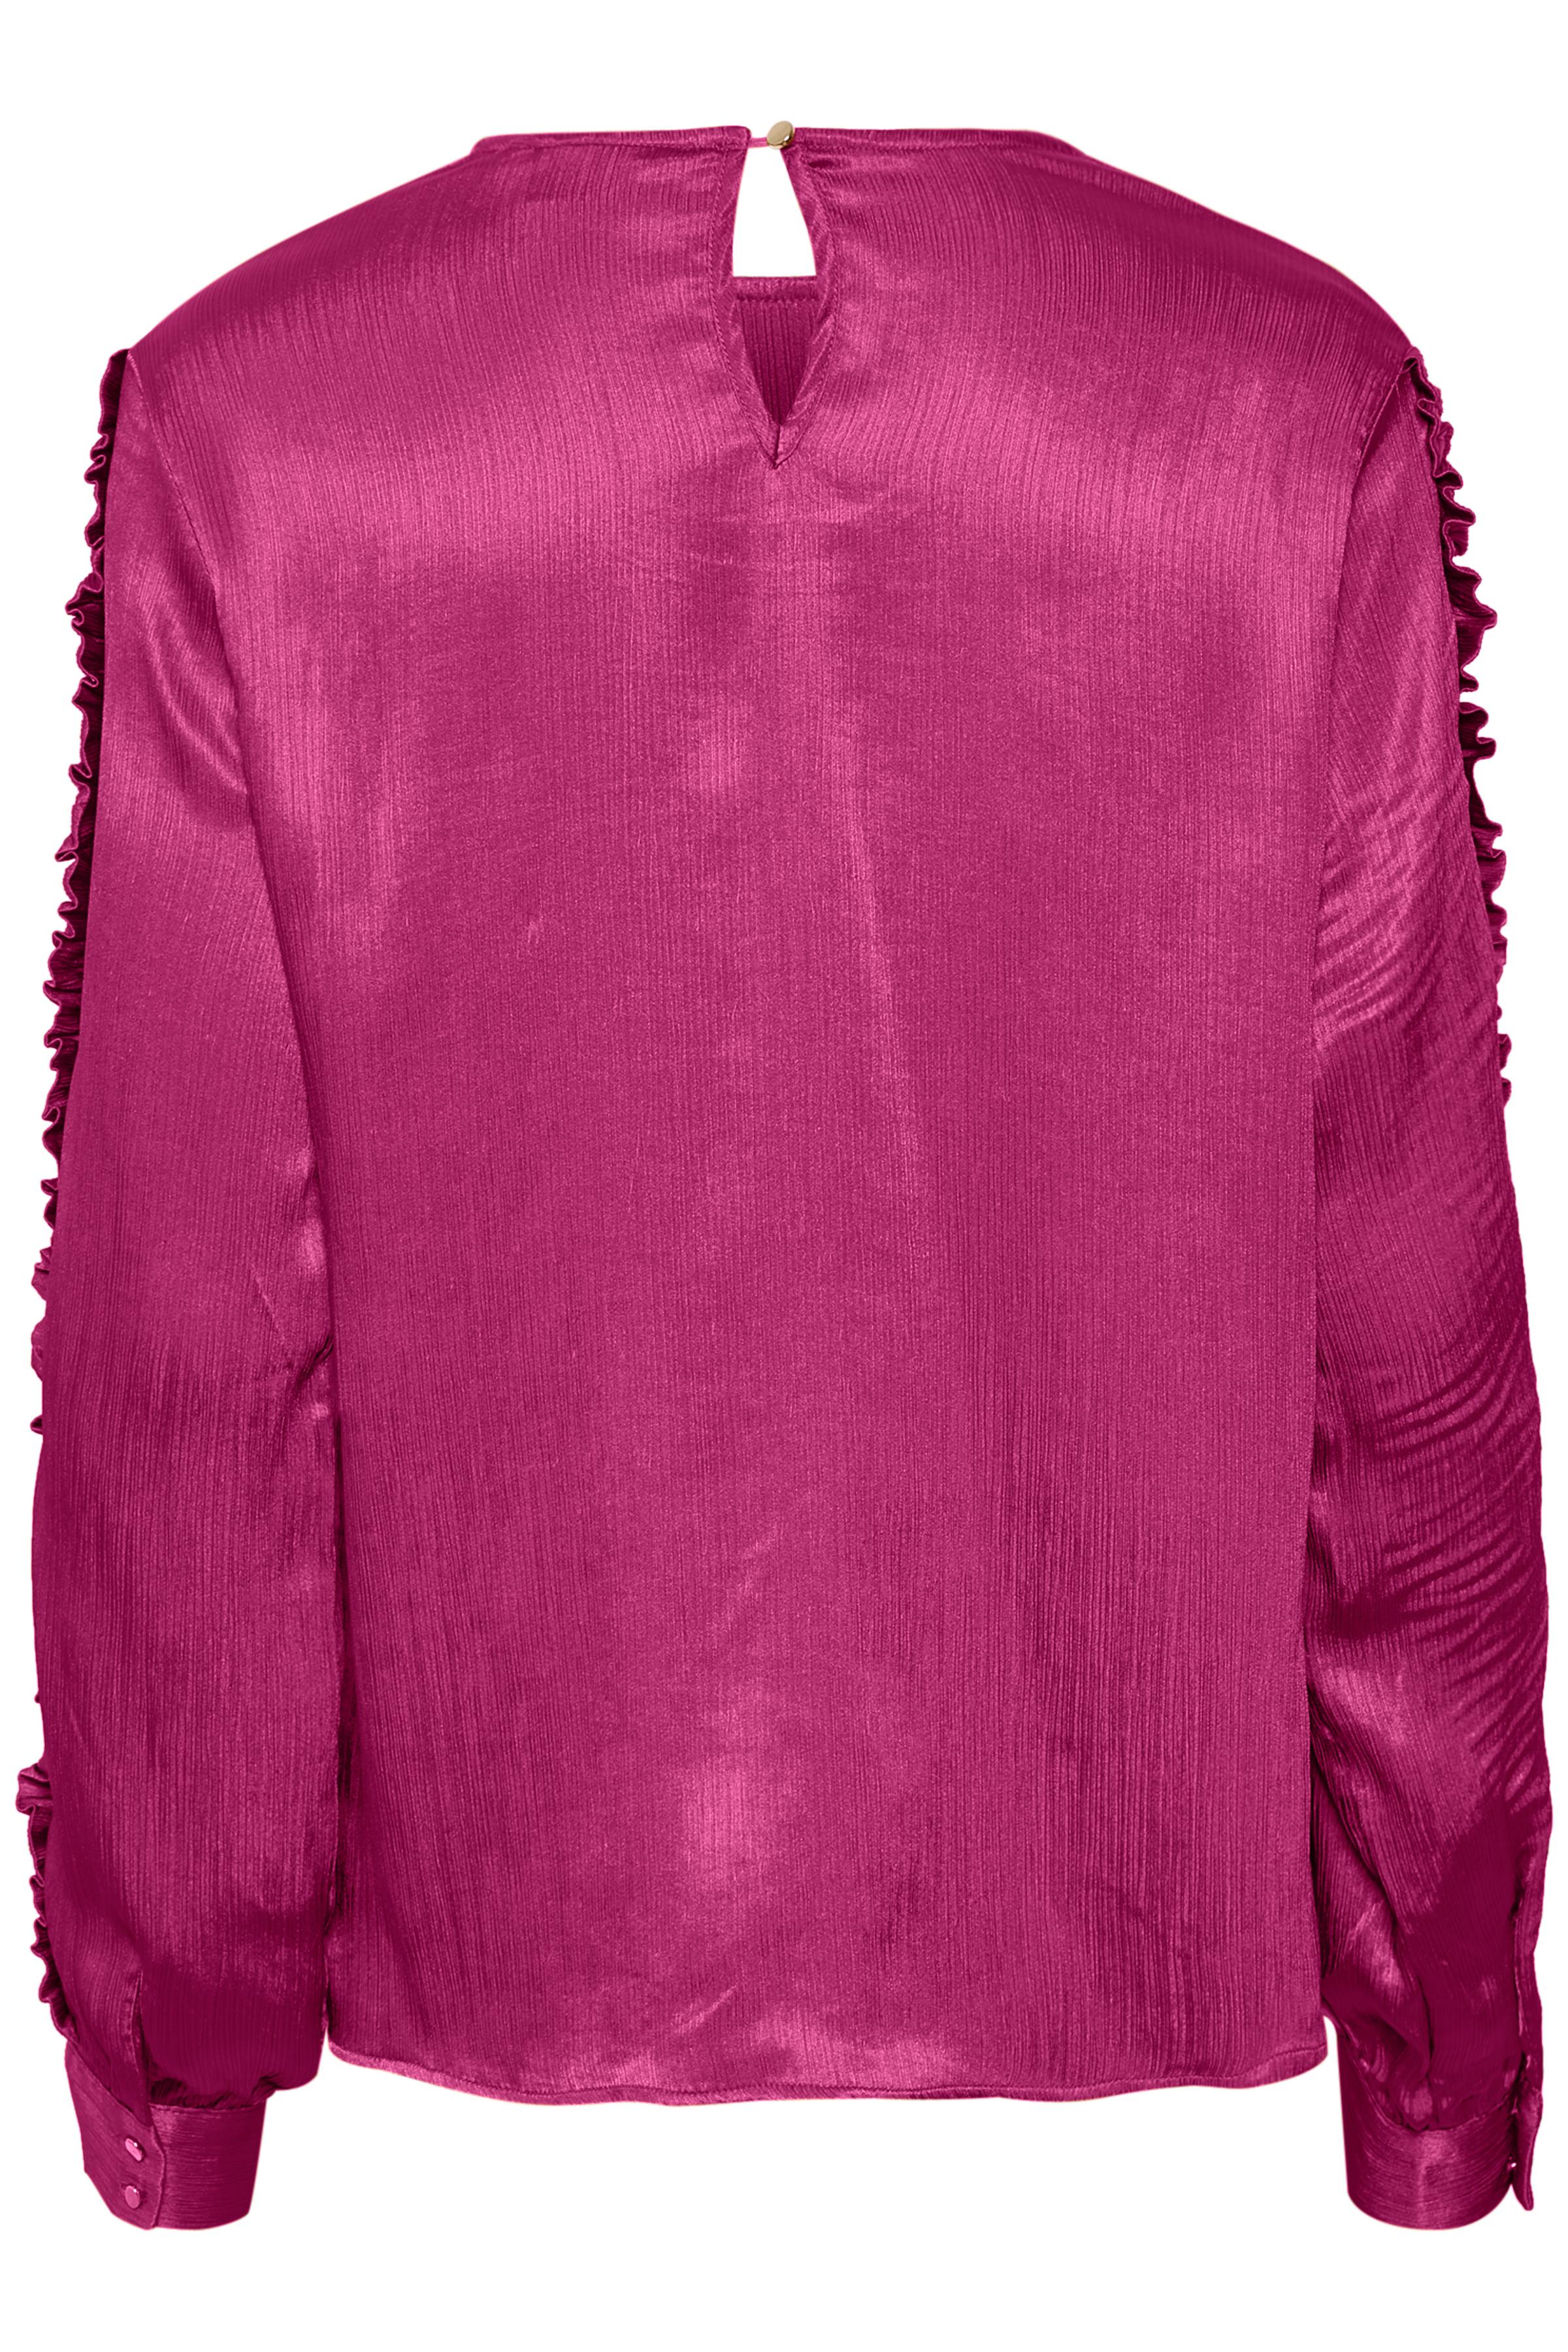 Pink Långärmad blus från Kaffe – Köp Pink Långärmad blus från stl. 34-46 här